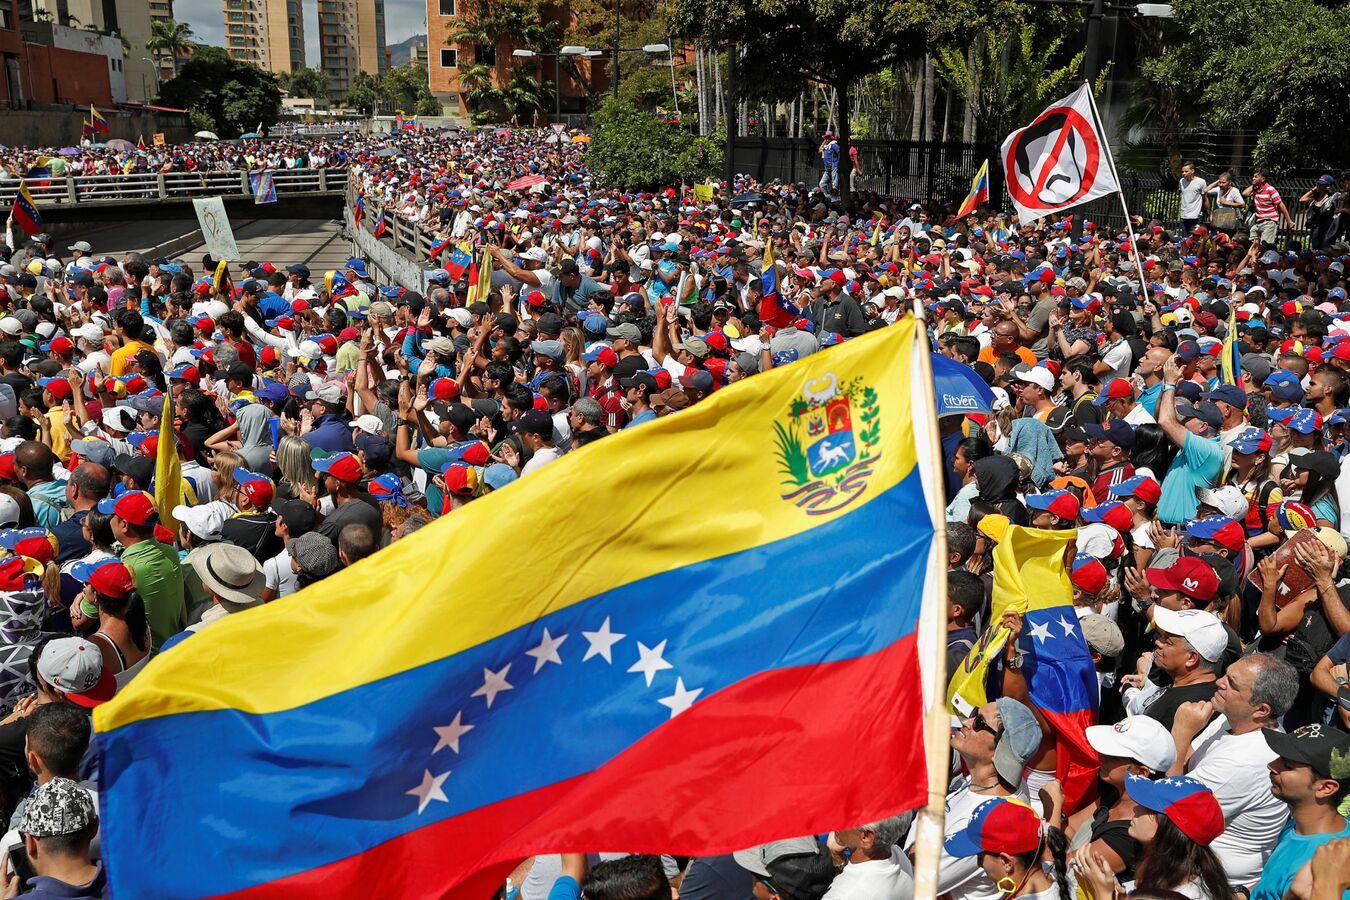 Открытое письмо Соединённым Штатам Америки: прекратить вмешиваться во внутреннюю политику Венесуэлы